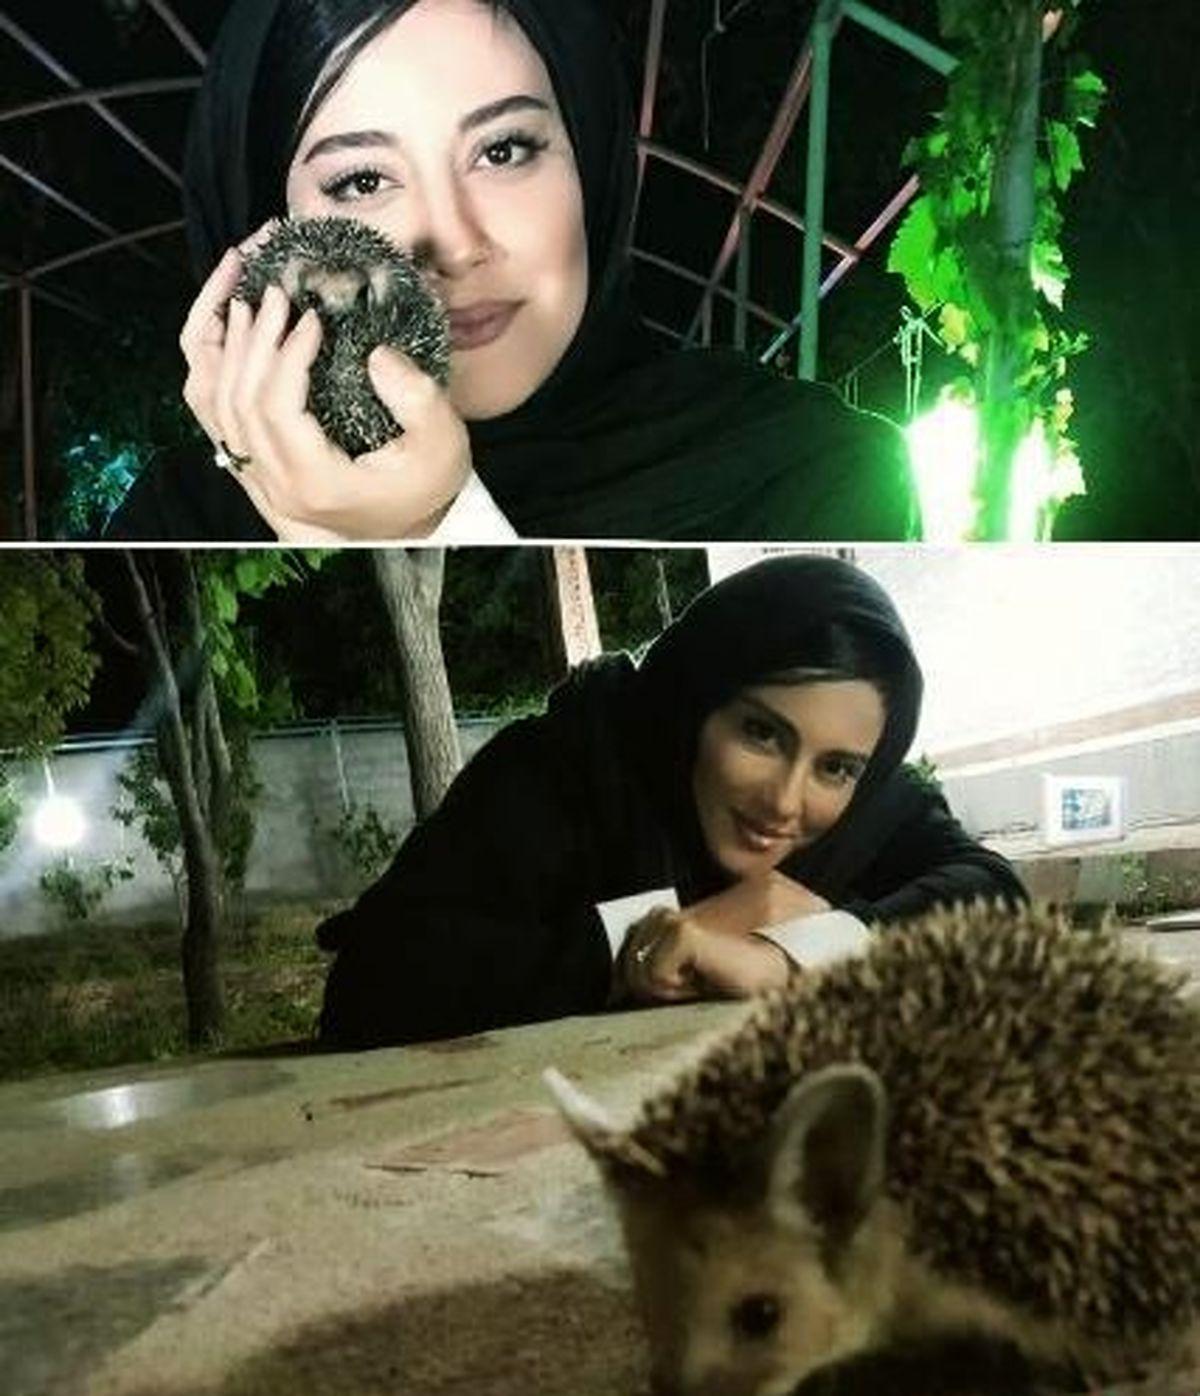 حیوان خانگی غیر عادی و وحشی آشا محرابی+عکس